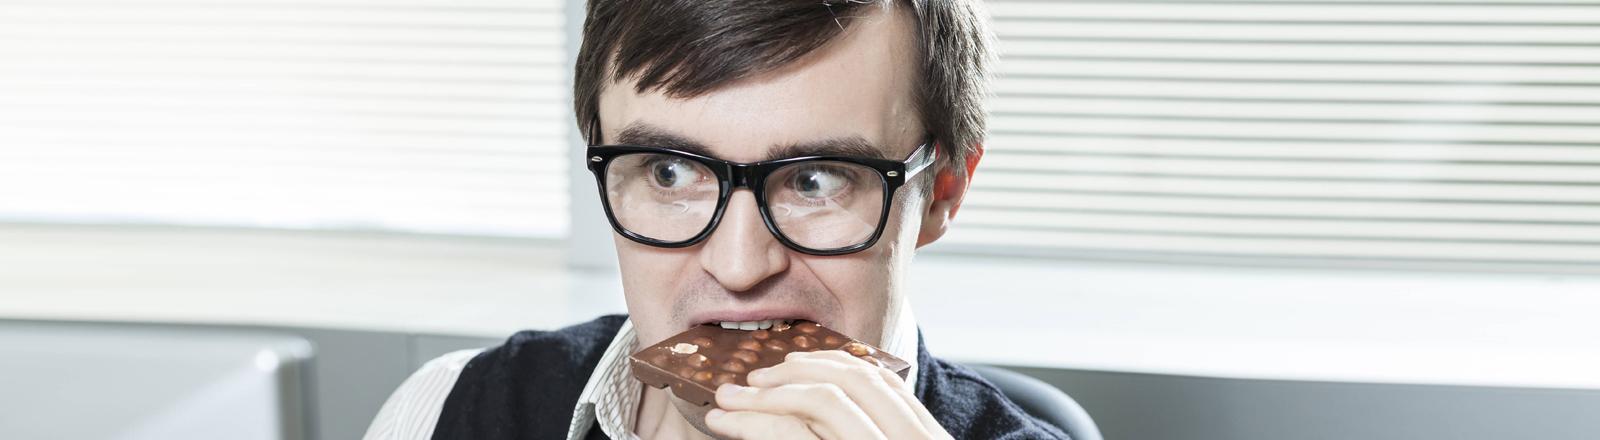 Ein mann im Büro, man könnte auch sagen Nerd, beißt in ein Stück Nussschokolade.